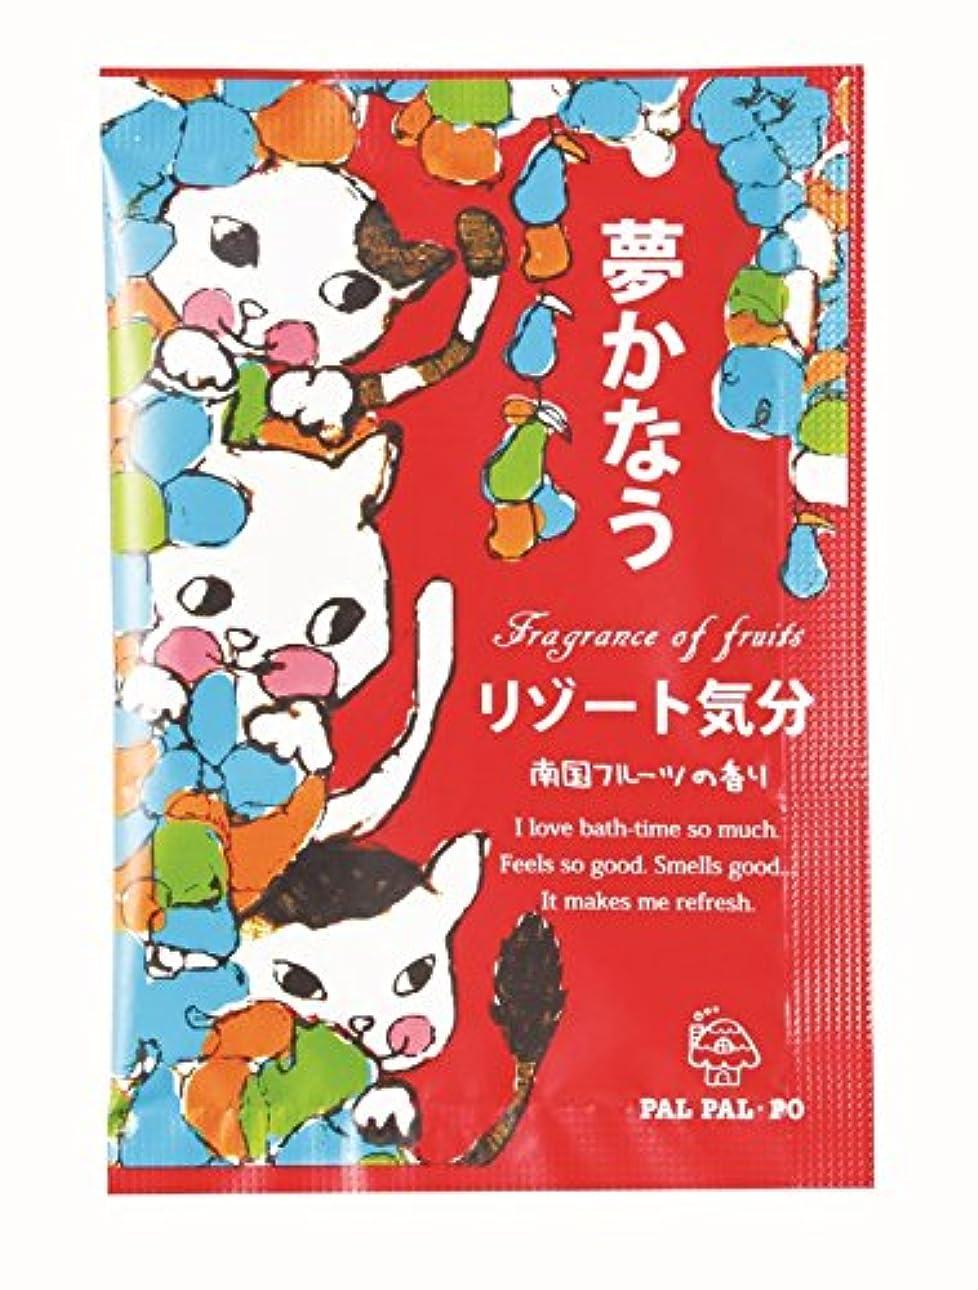 無臭克服するペフ入浴剤 パルパルポ-(リゾ-ト気分 南国フル-ツの香り)25g ケース 800個入り